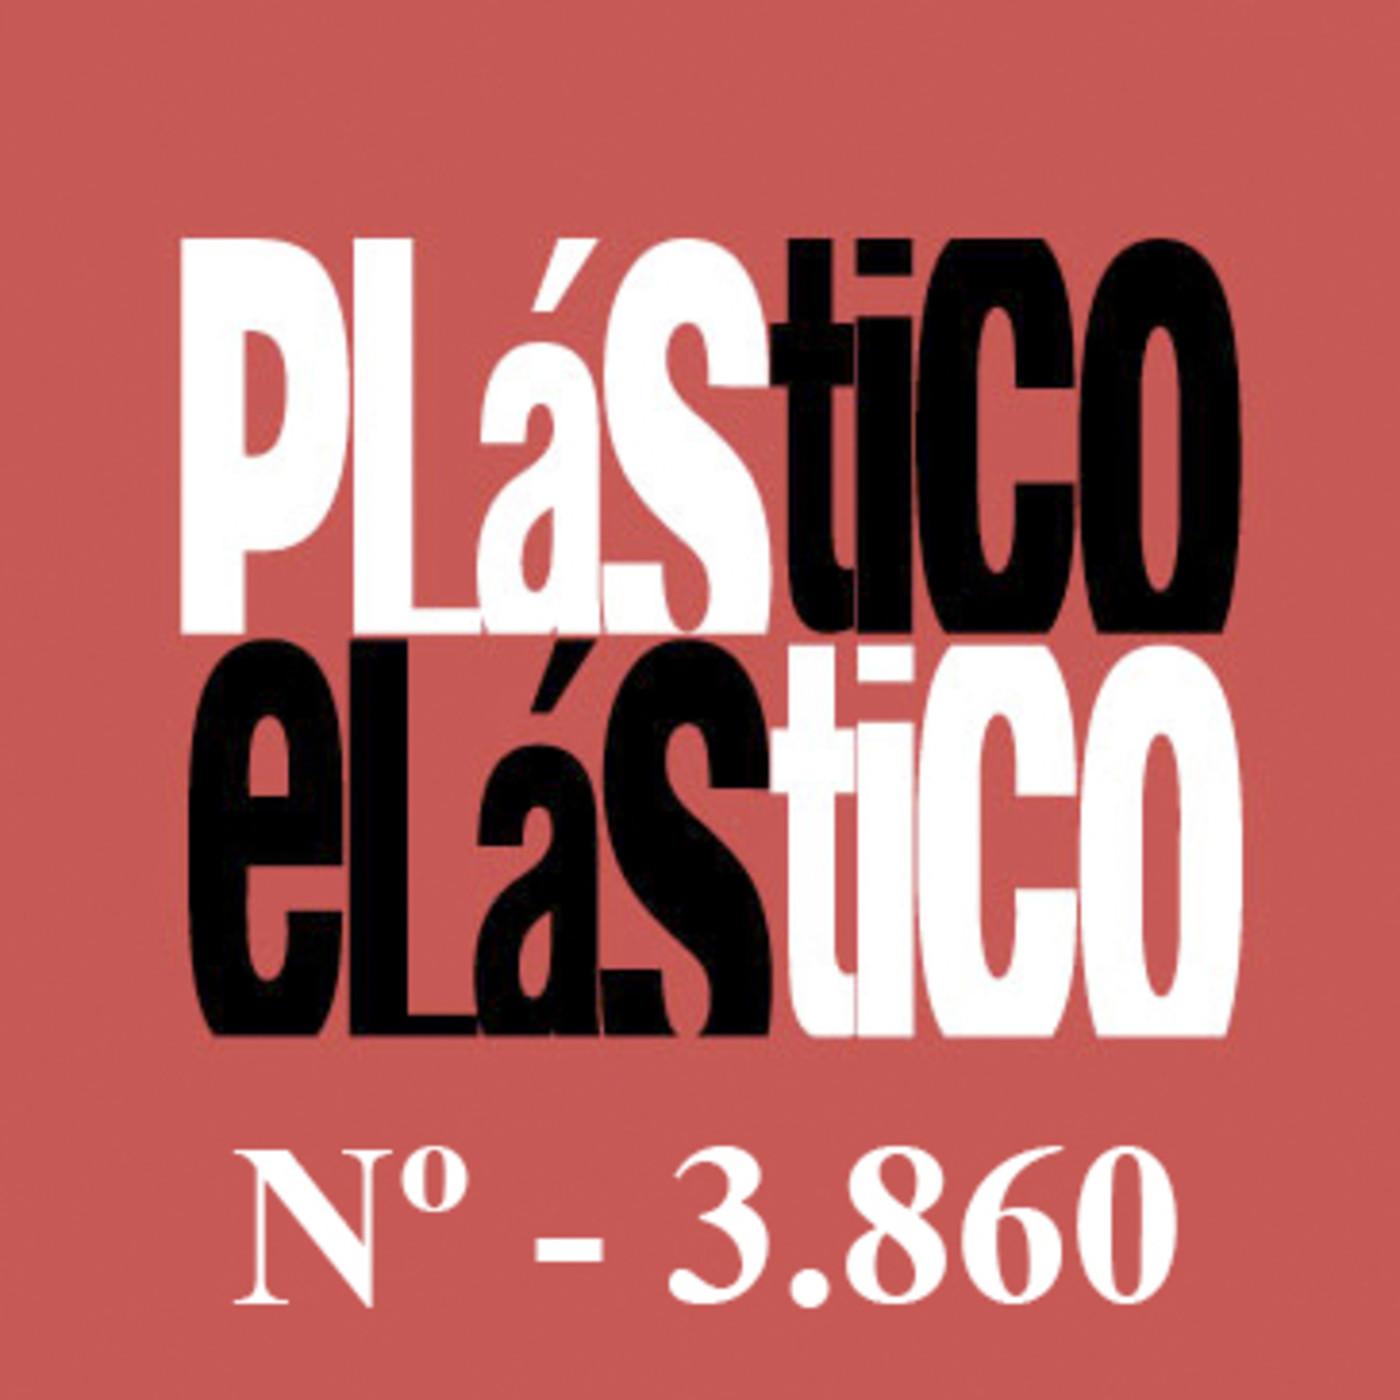 PLÁSTICO ELÁSTICO Octubre 14 2020 Nº - 3.860